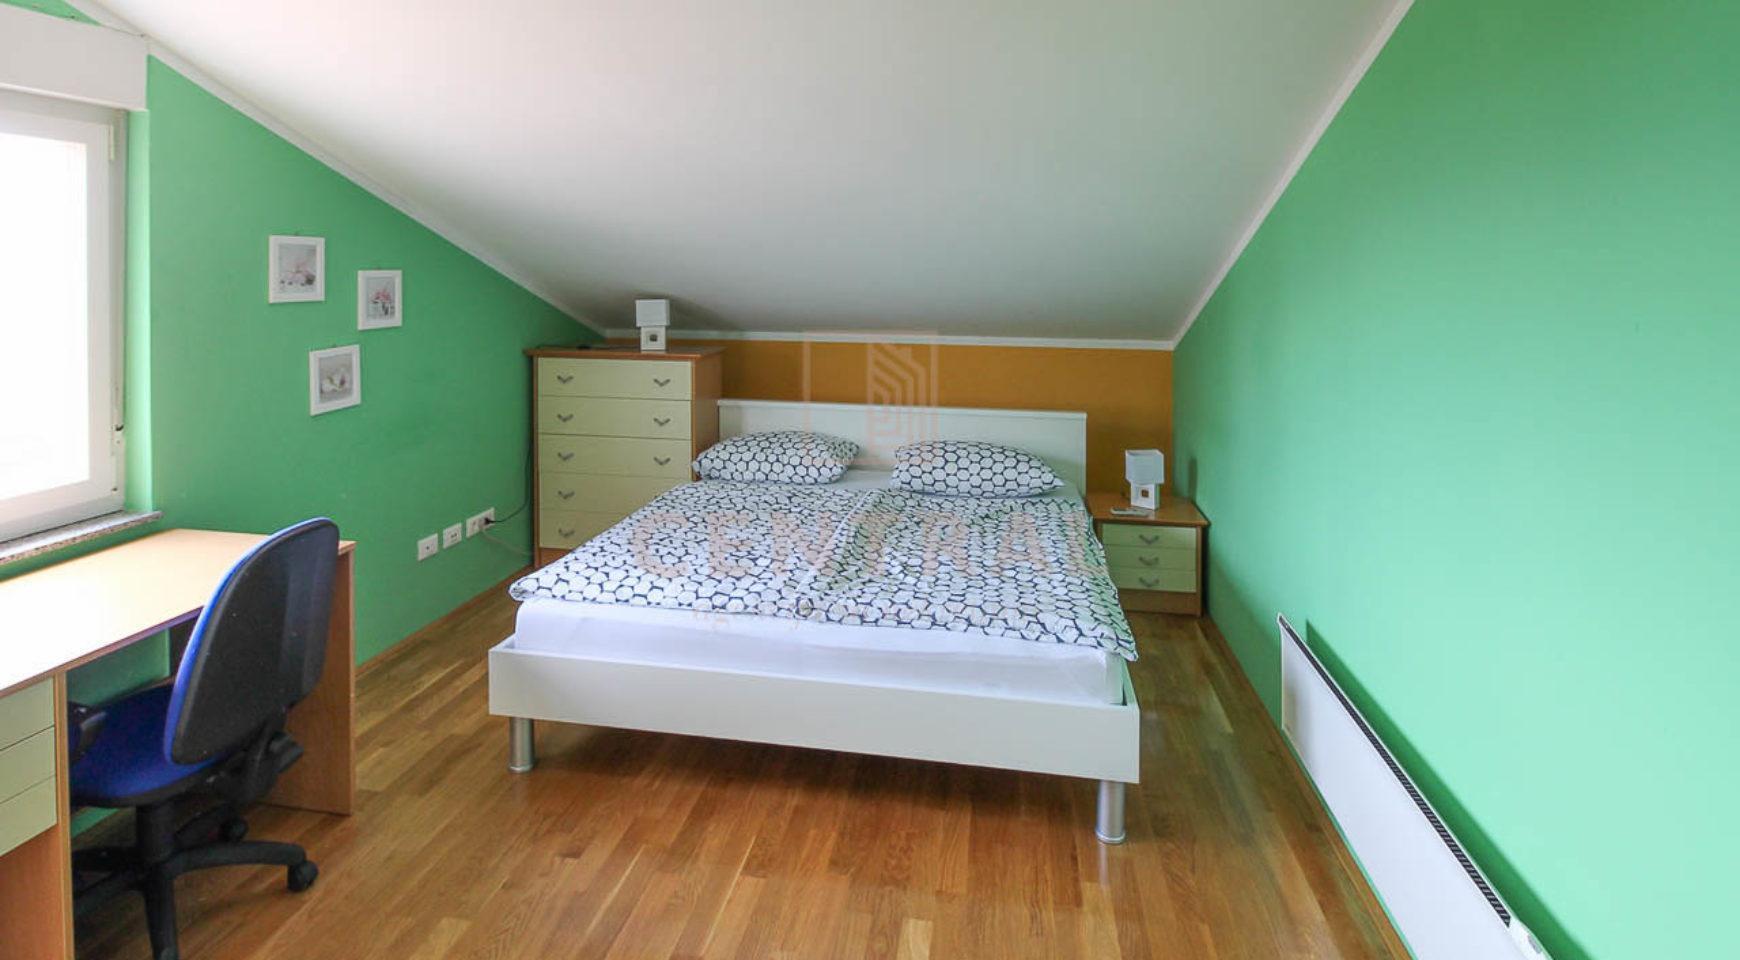 Ičići, trosoban stan sa dnevnim boravkom, 121 m2